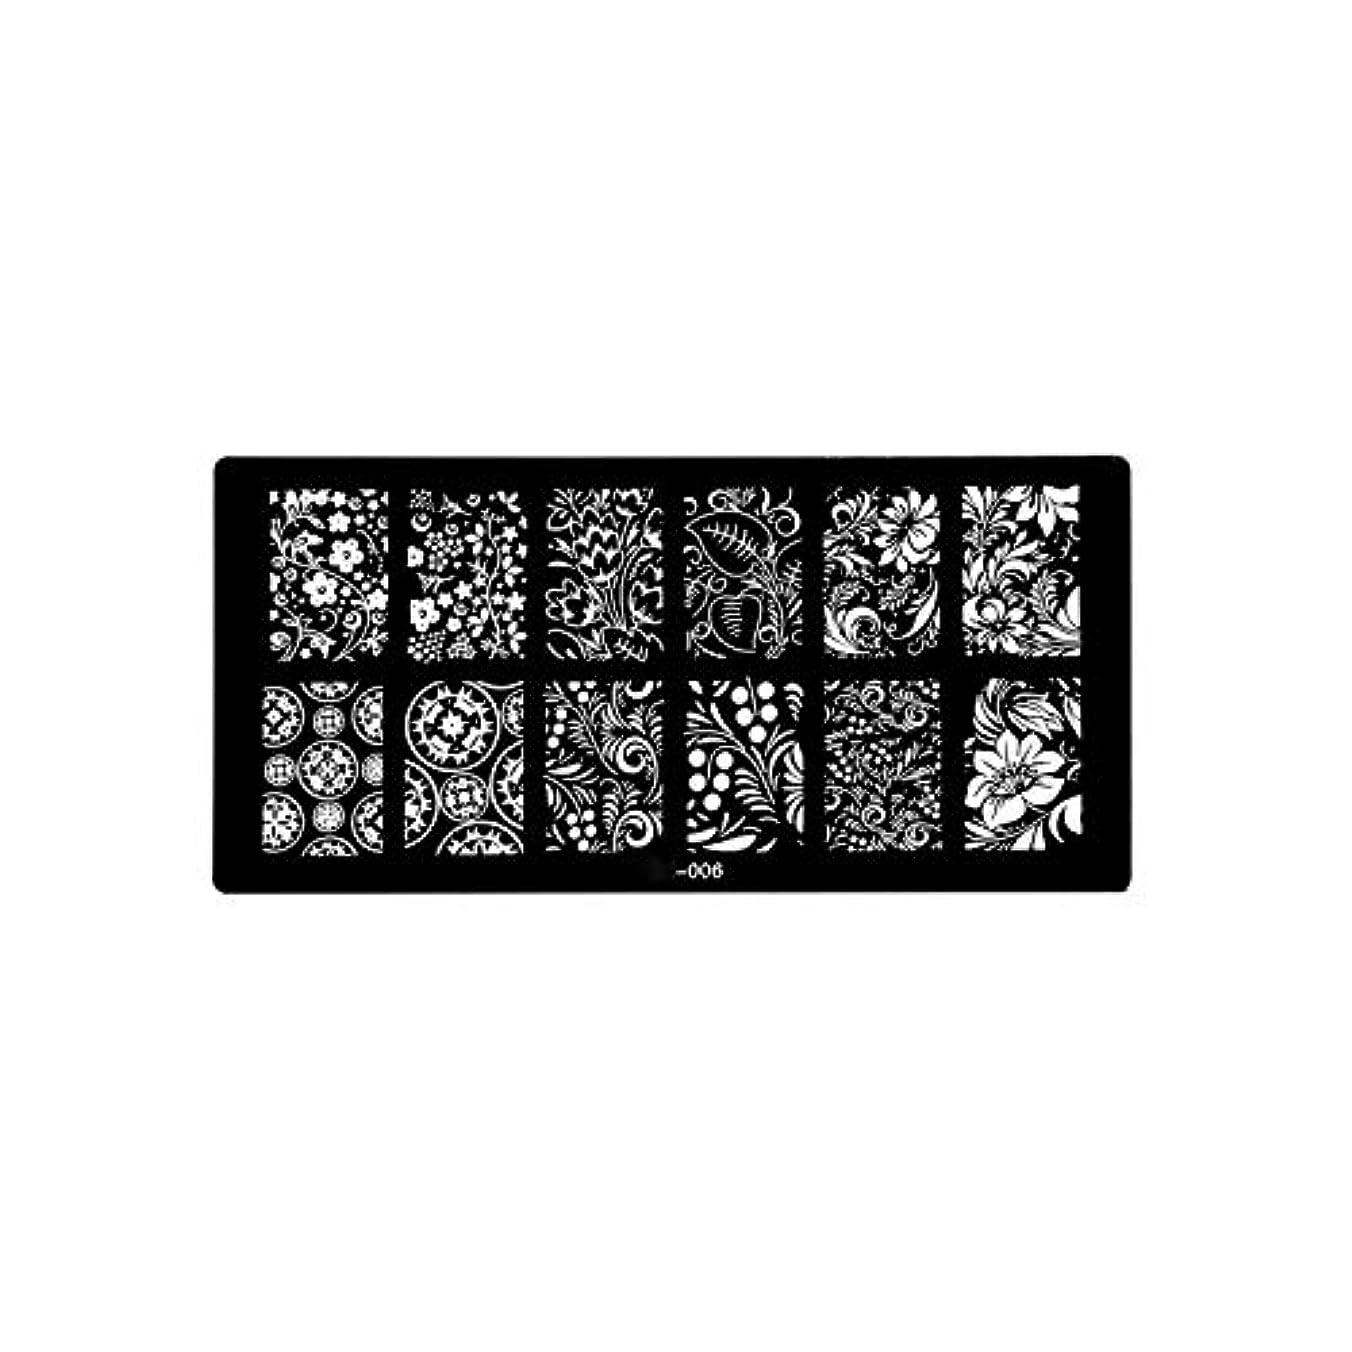 ピストル解き明かすどのくらいの頻度で1ピース6 * 12センチbcnシリーズネイルスタンピングプレート画像ネイルステンシル用ネイルアートスタンプマニキュアテンプレートツール,BCN006